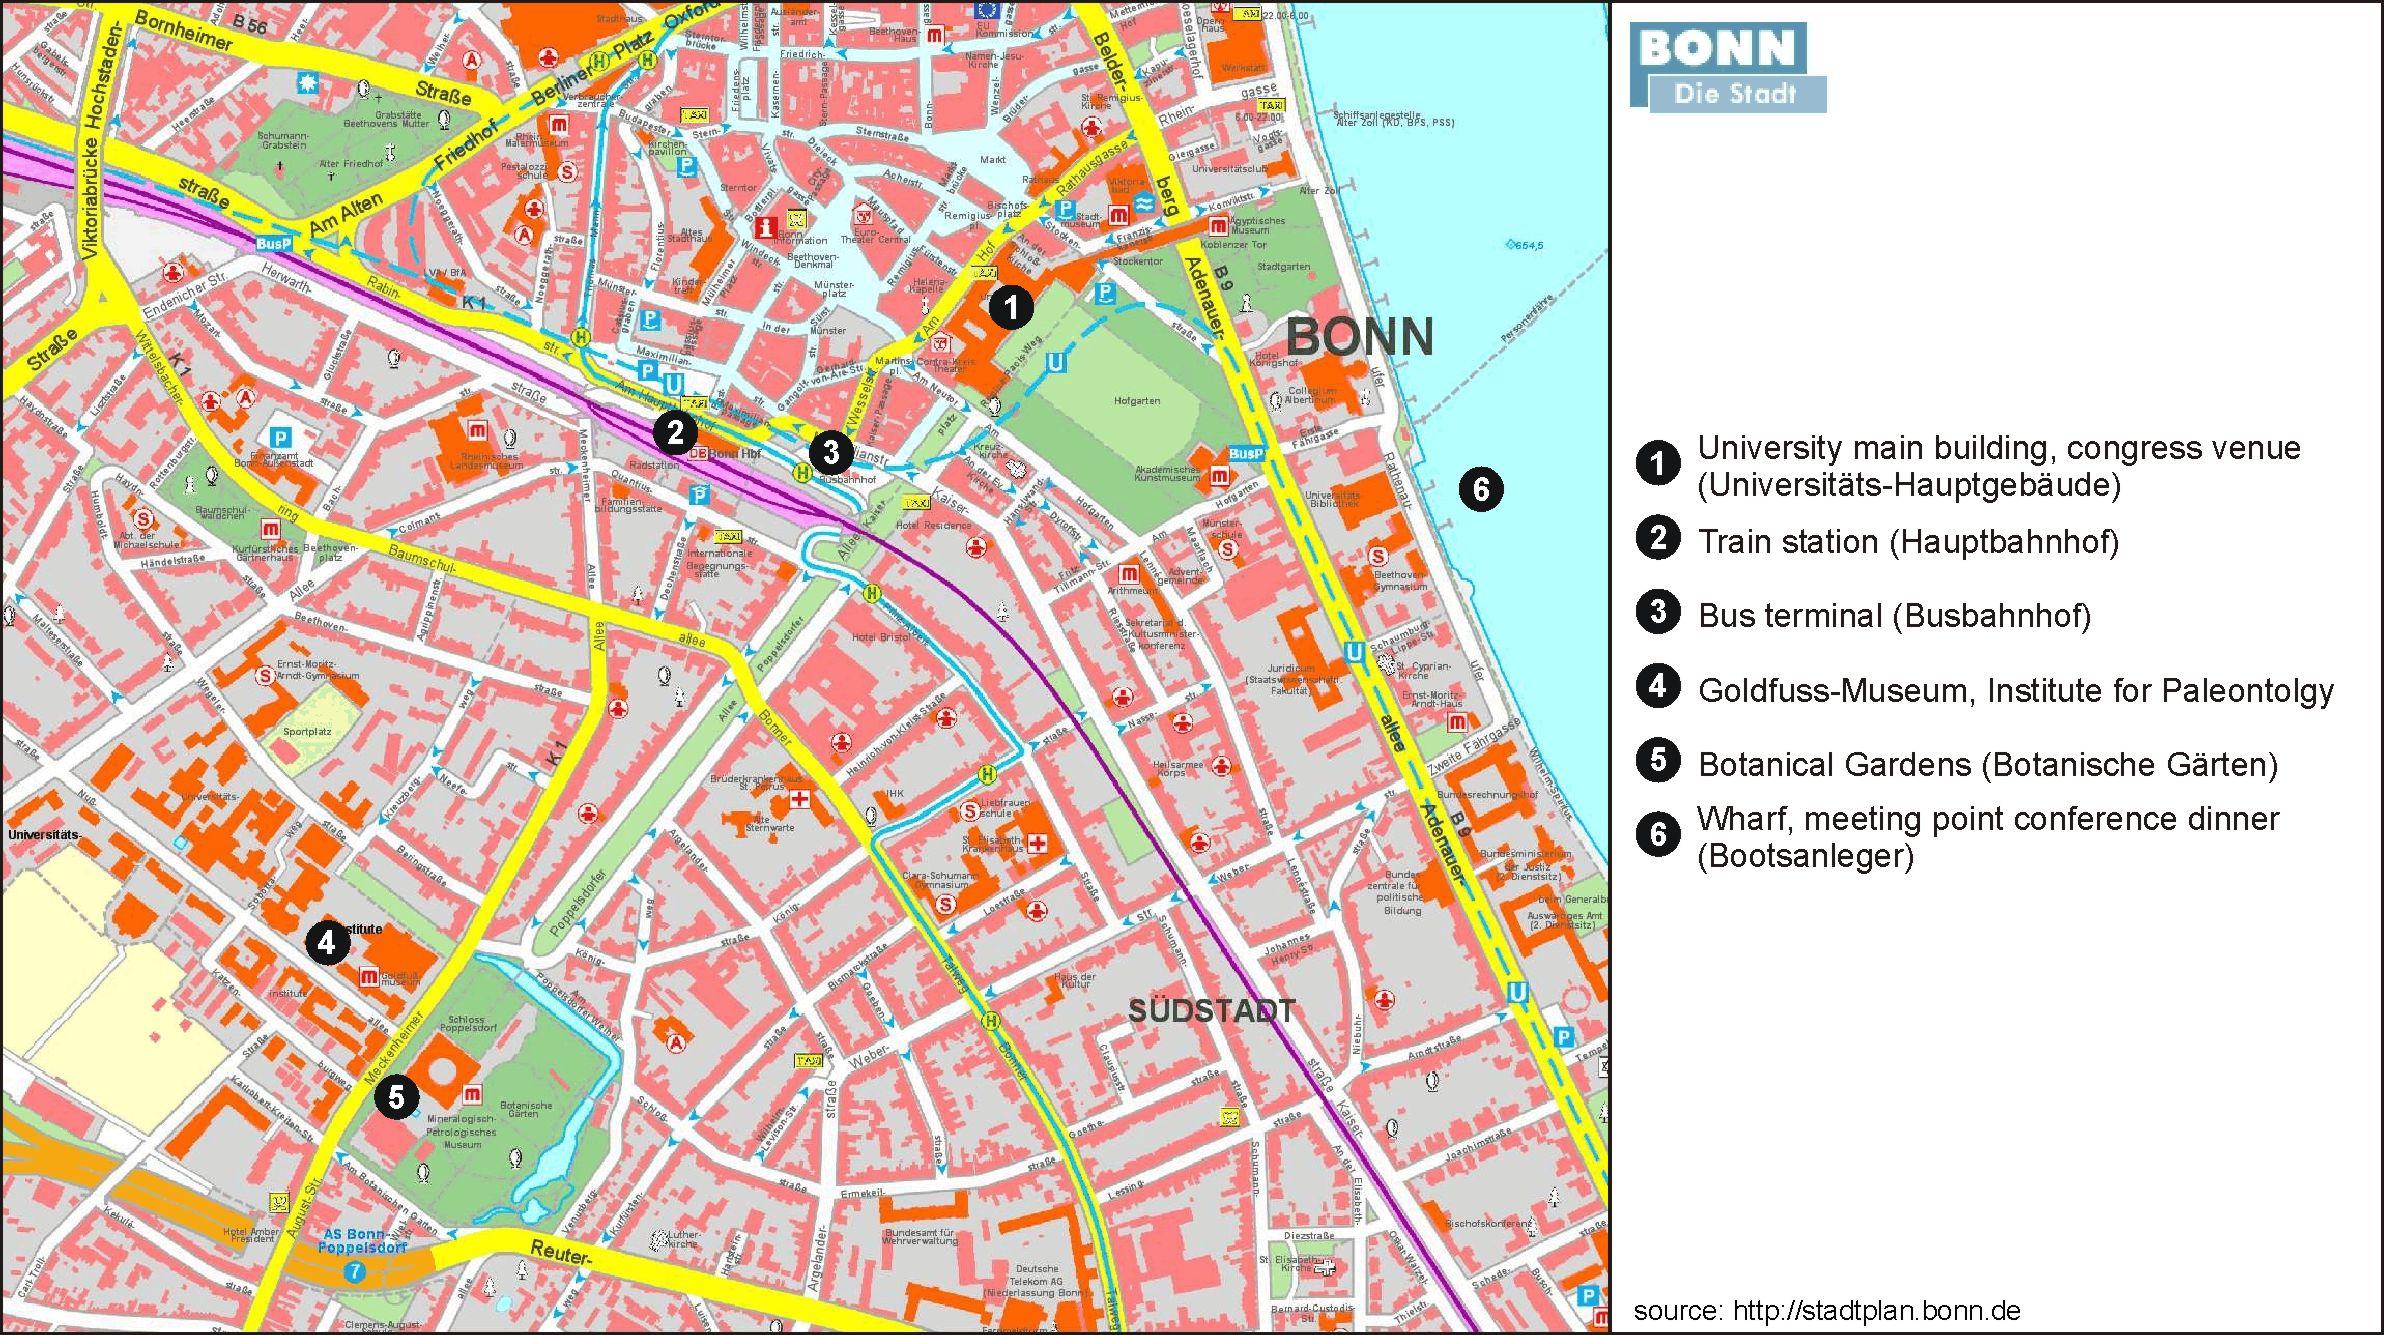 Bonn die Stadt Map Bonn die stadt mappery